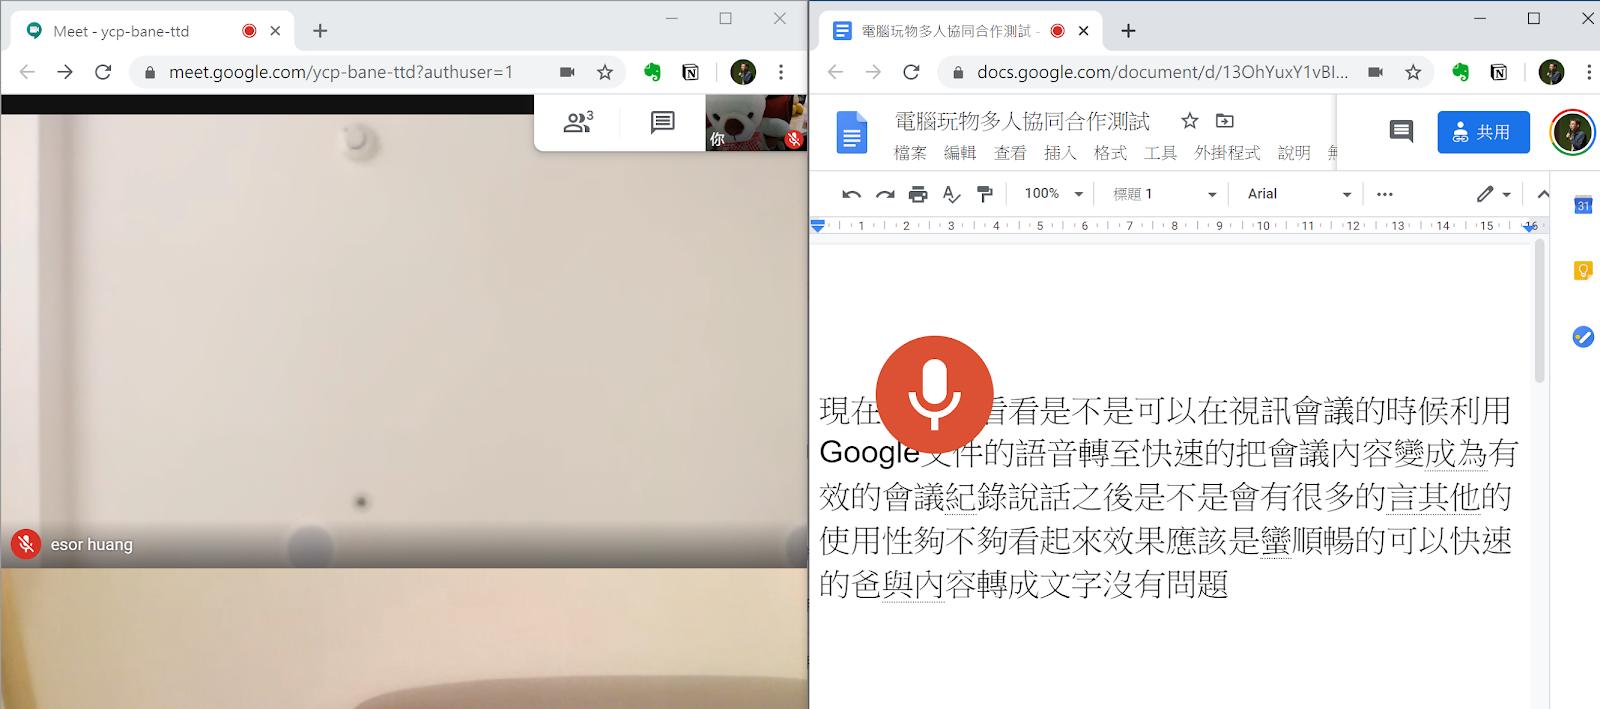 視訊會議的即時會議記錄工具。用 Google 文件自動語音轉文字